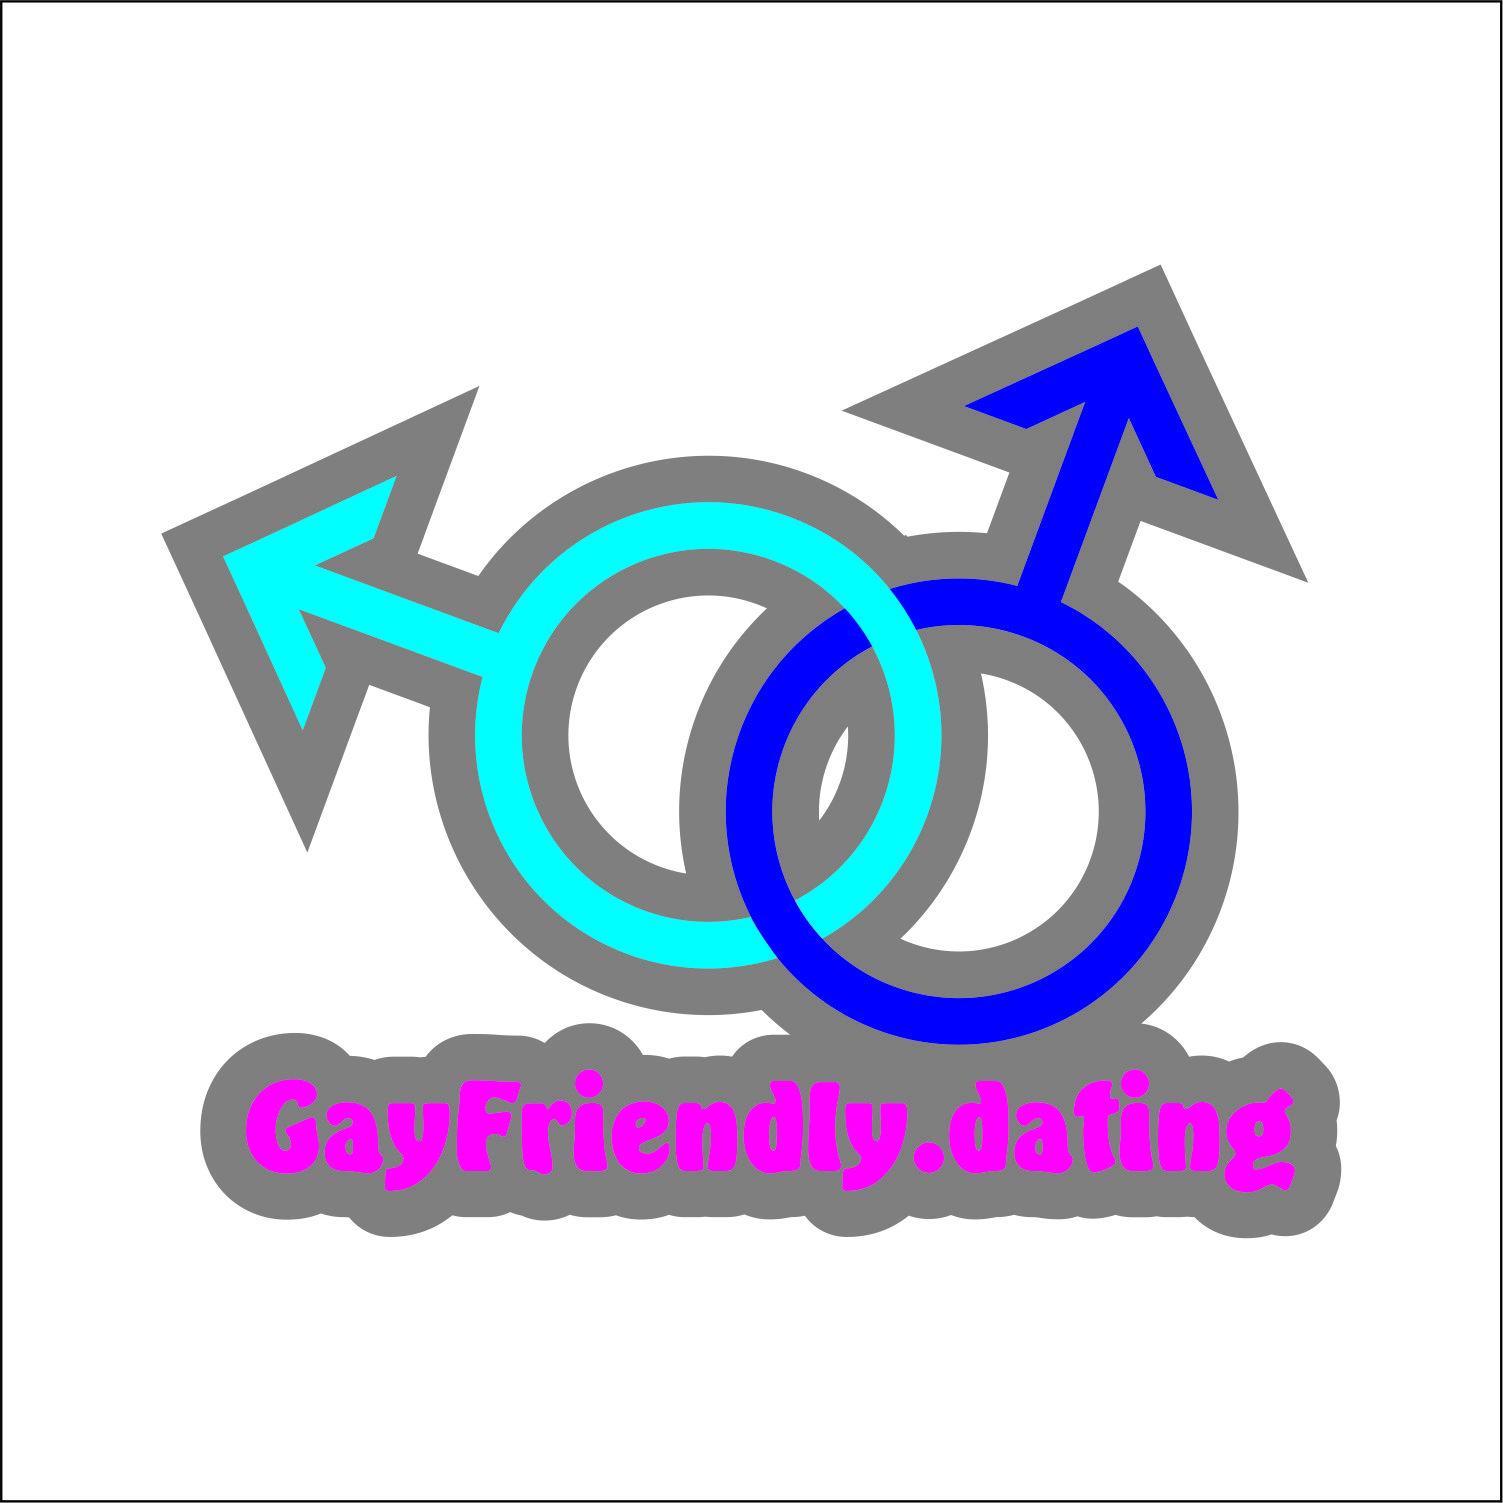 Разработать логотип для англоязычн. сайта знакомств для геев фото f_4925b44d6450161d.jpg